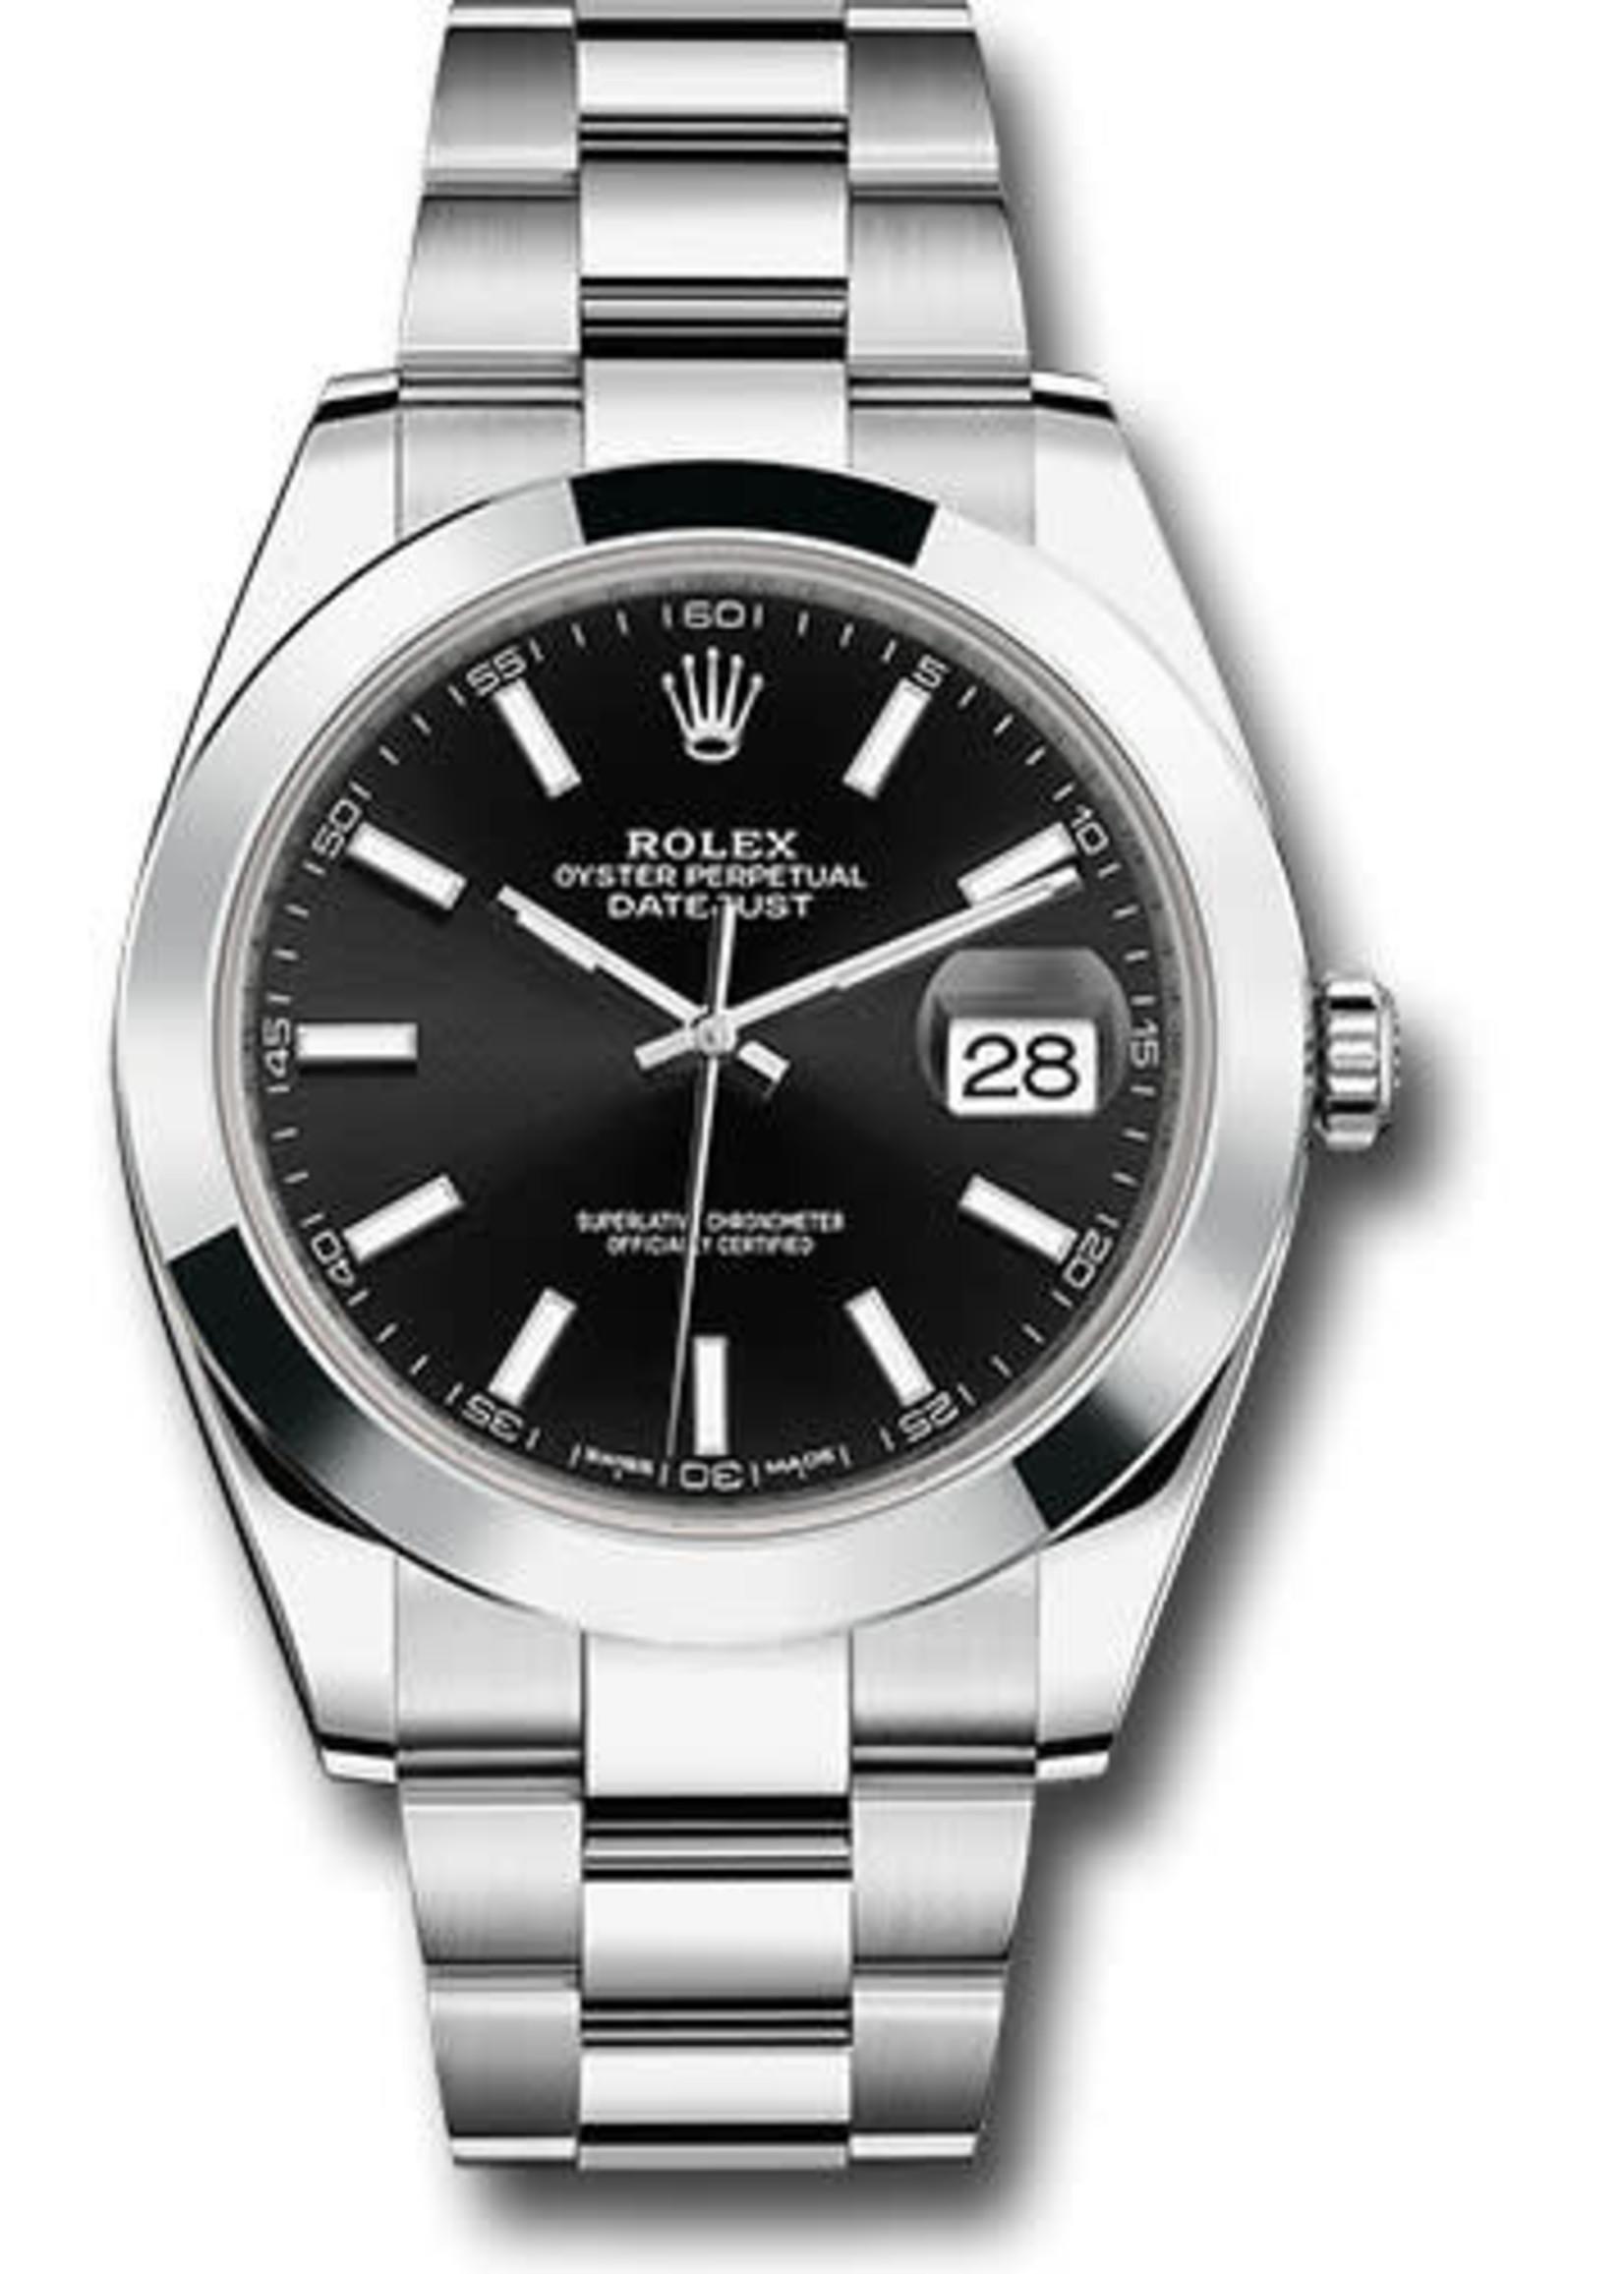 Rolex Watches ROLEX DATEJUST II 41MM (2017 B + P) #116300